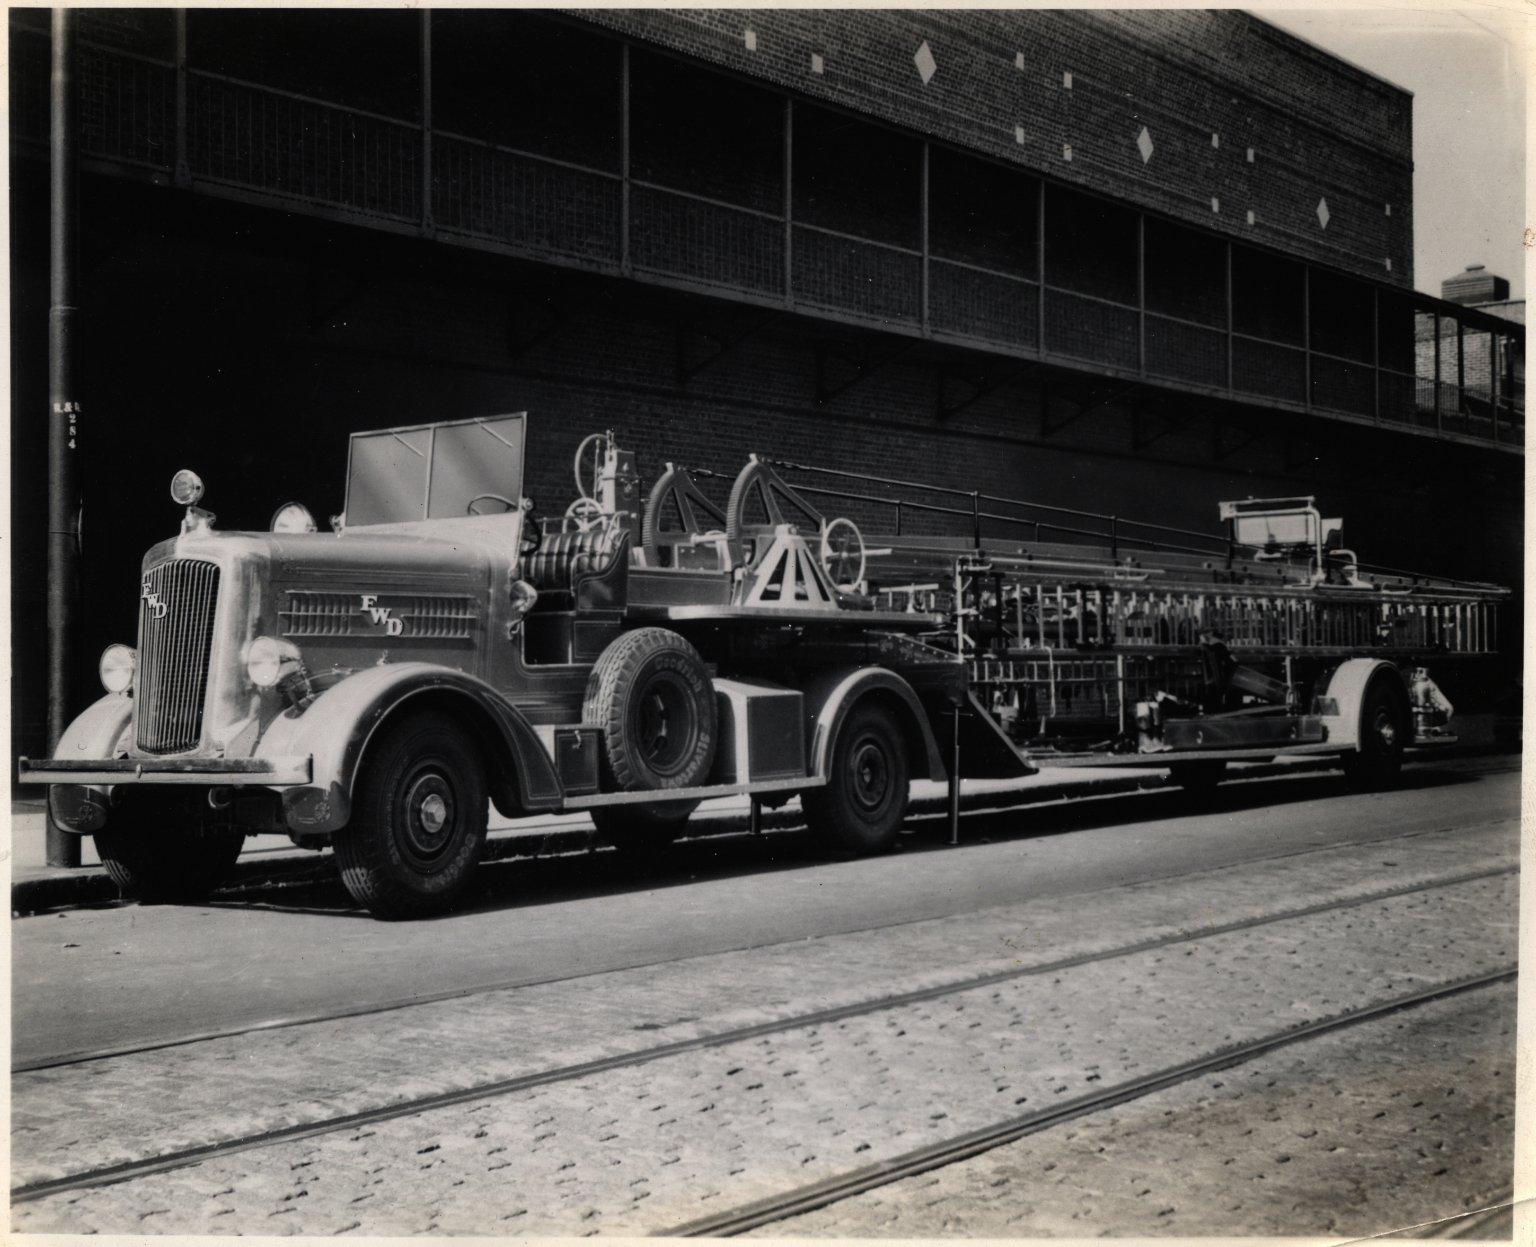 Пожарная автолестница. Нью-Йорк, США. 1950-е